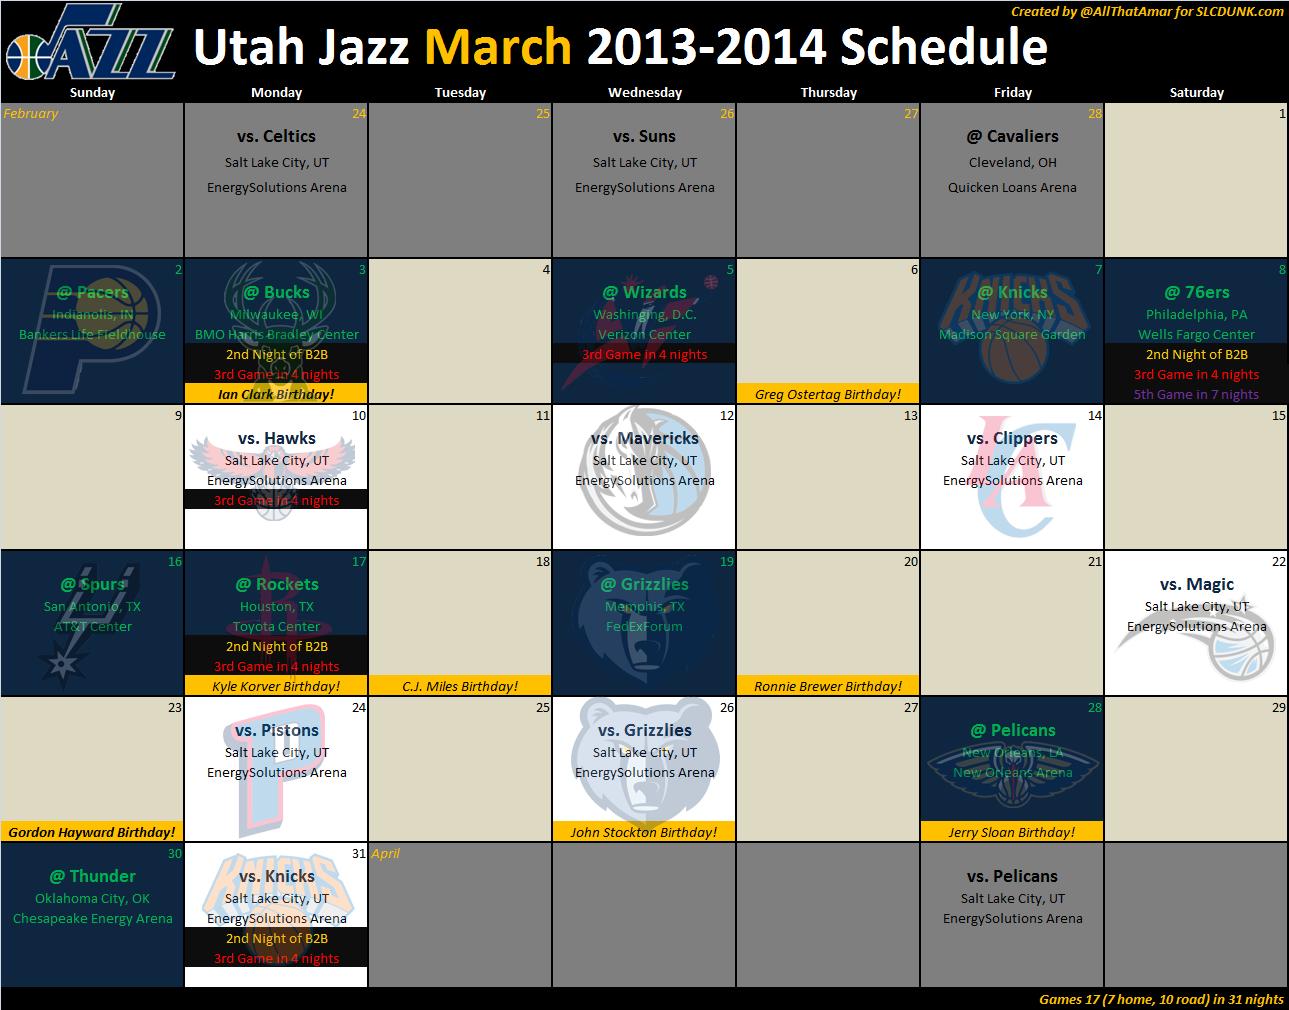 Jazz_2013_2014_schedule_-_06_mar